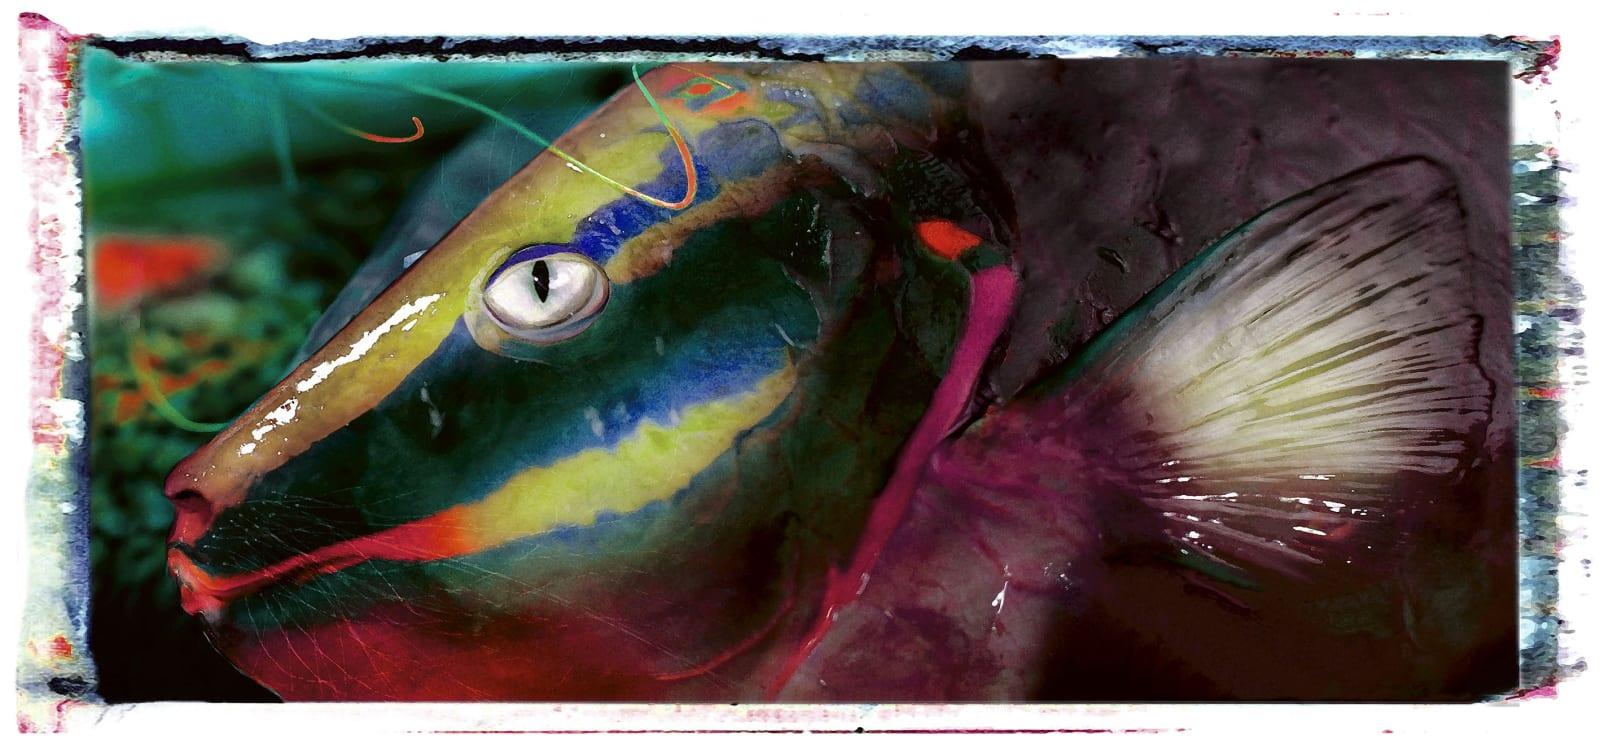 Alain Lacki, Catfish, 2008